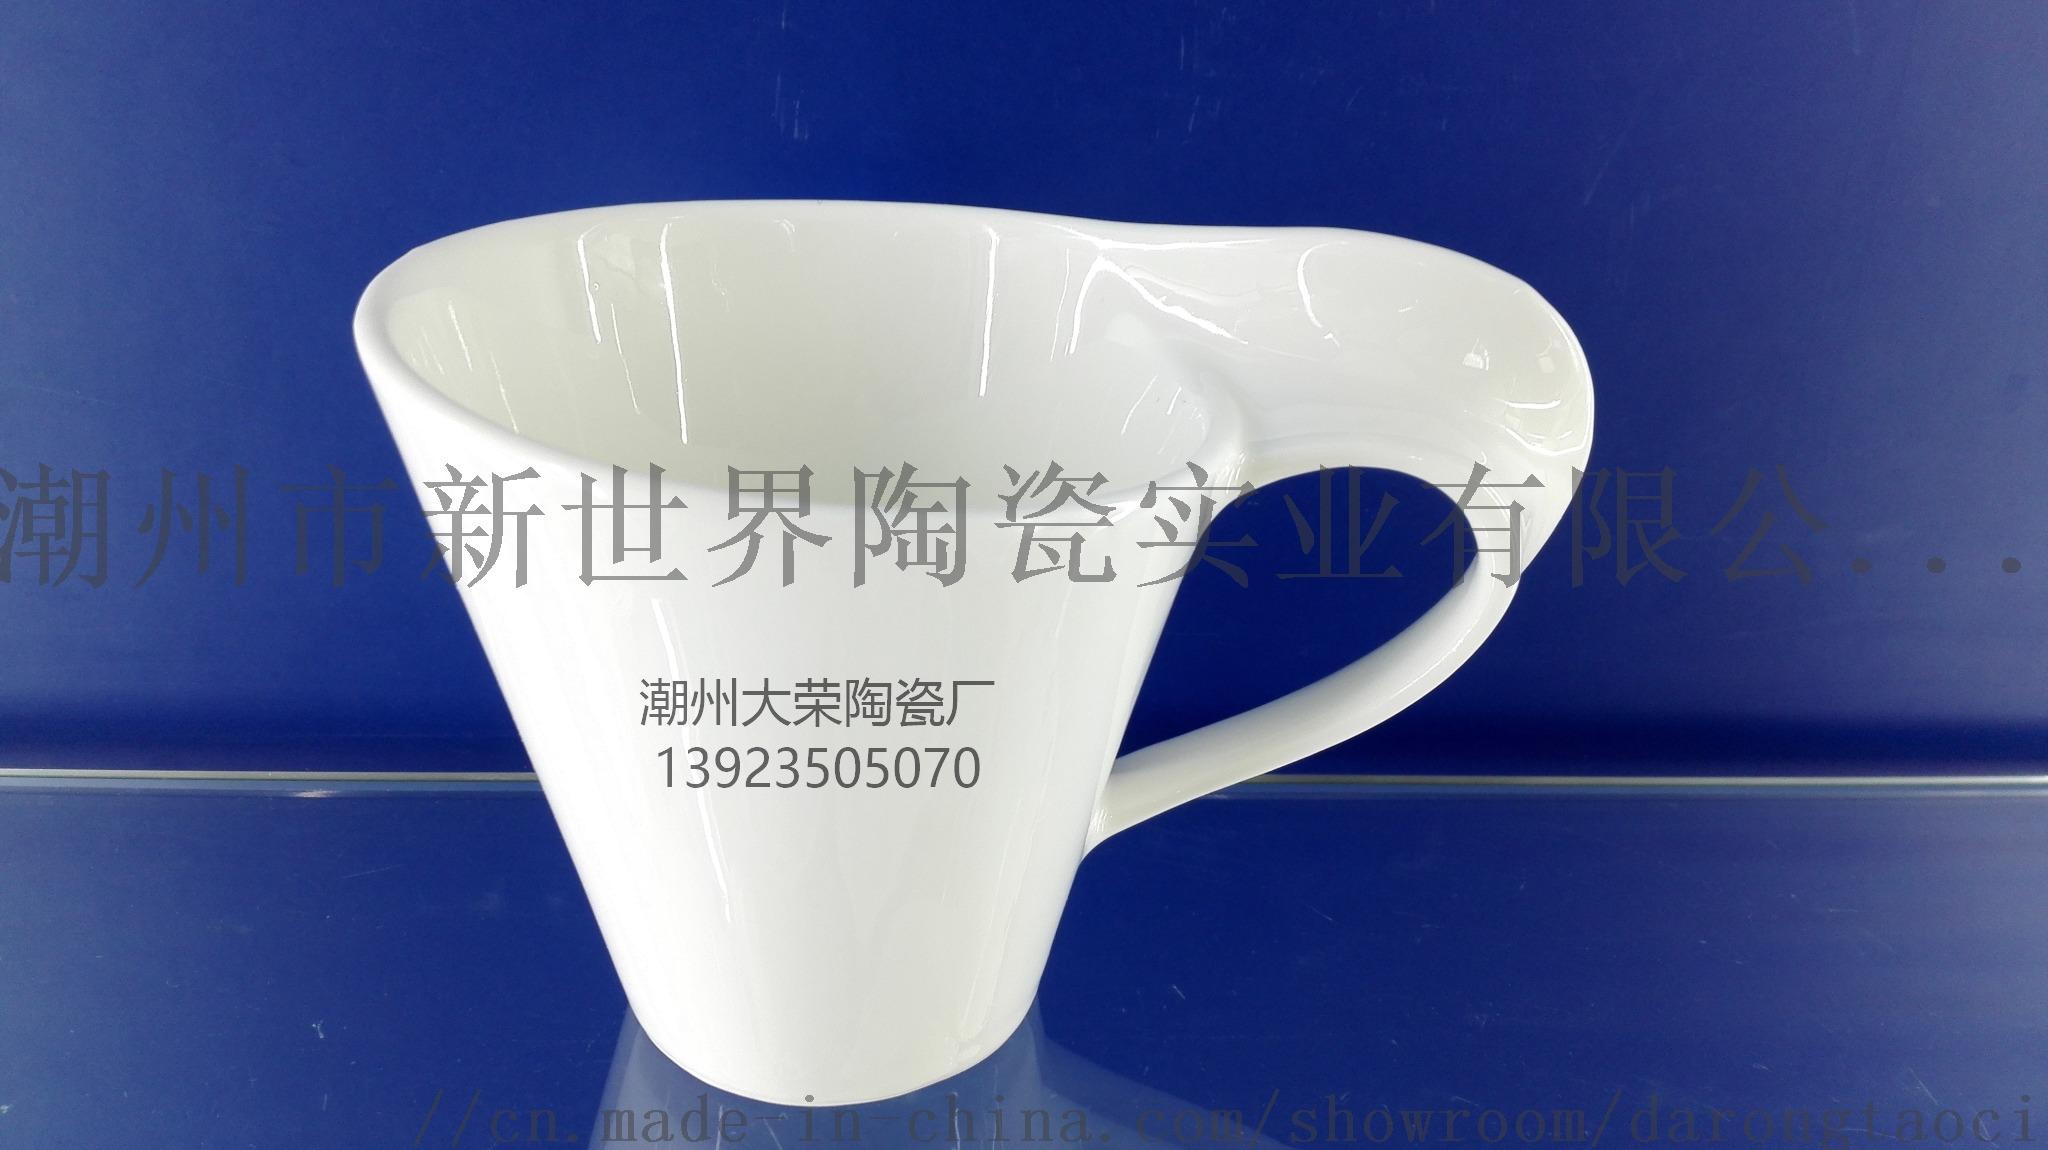 供应潮州枫溪高质量镁质陶瓷咖啡杯815967985